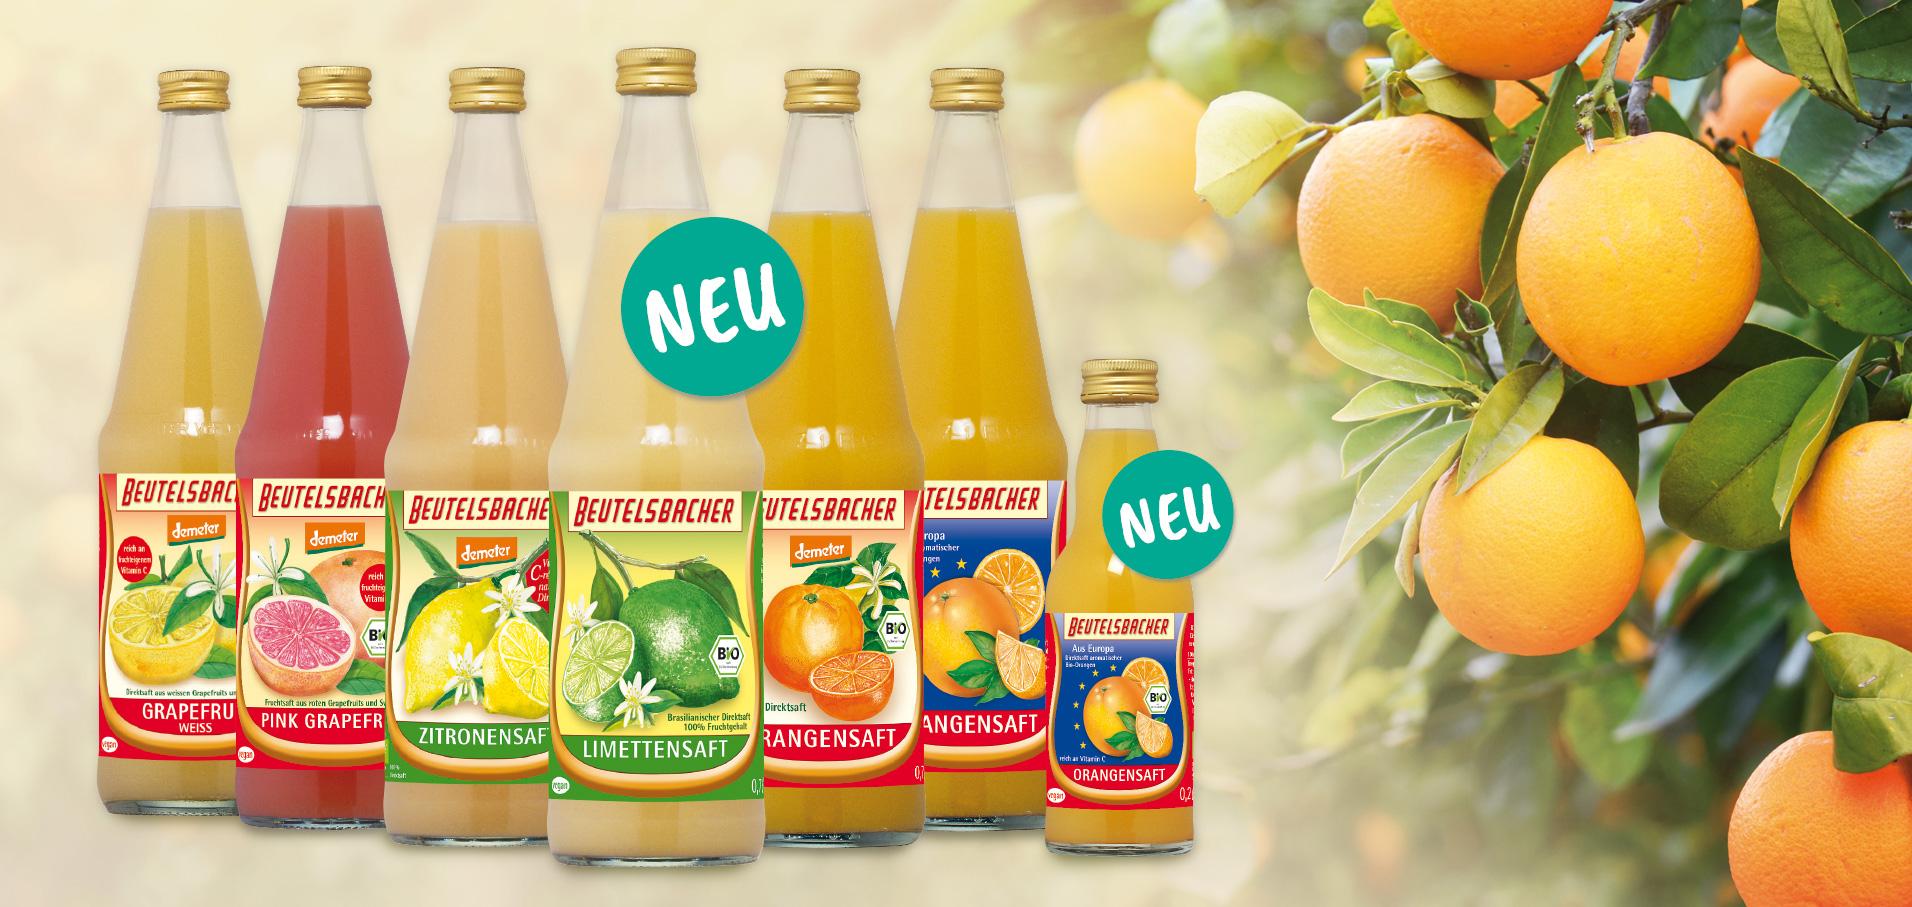 Beutelsbacher vitaminreiche Säfte mit Orangenbaum